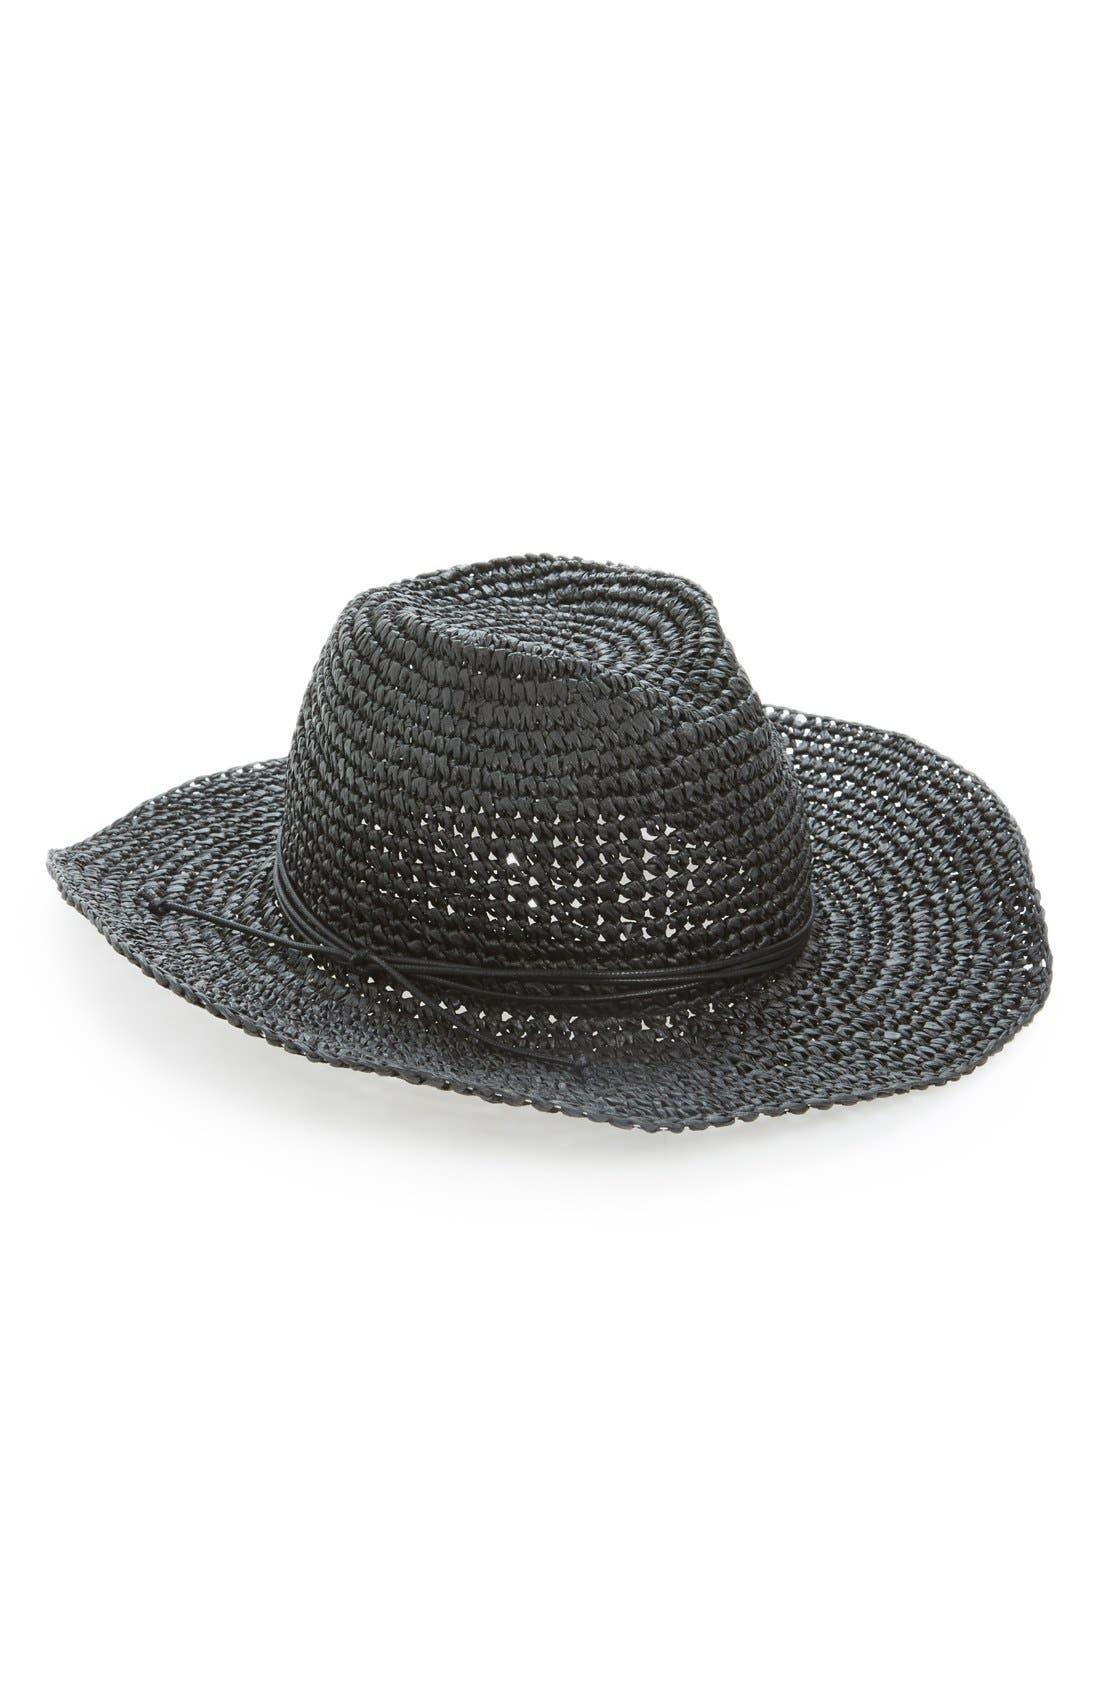 HINGE,                             'Layla' Straw Cowboy Hat,                             Main thumbnail 1, color,                             001